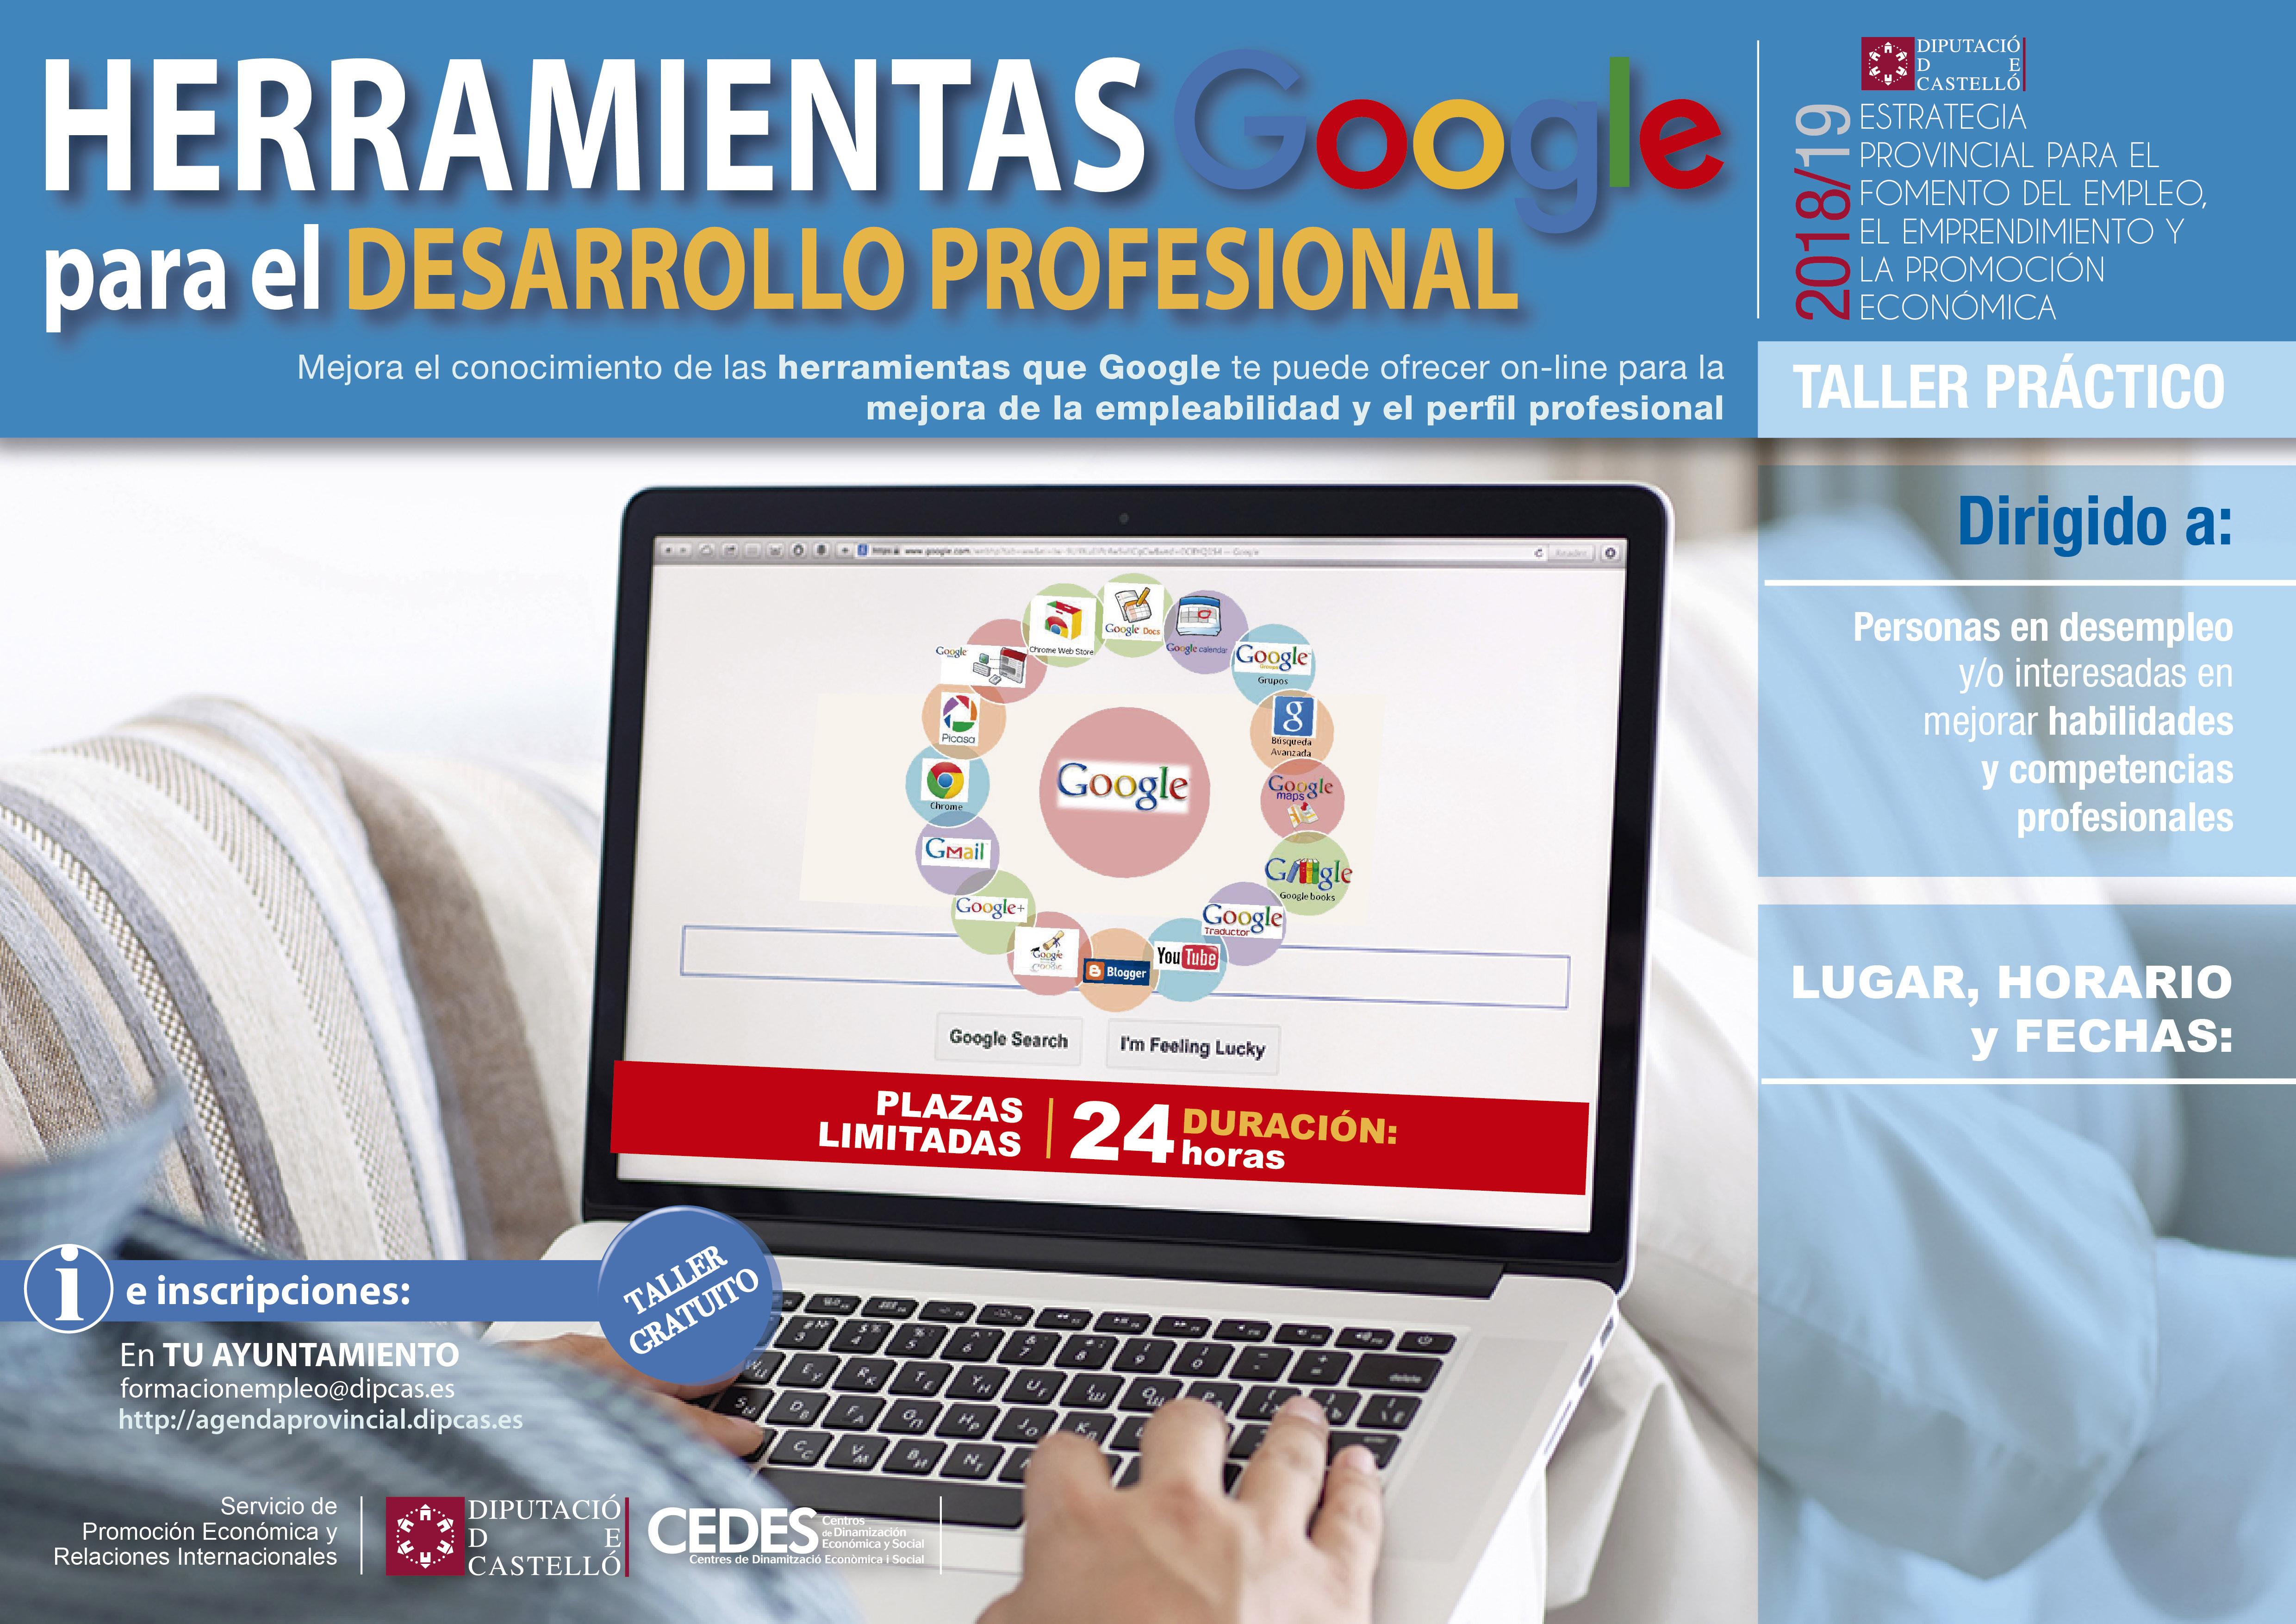 Cursos Diputacion 2019 Herramientas De Google Autonomos Comercios Pymes Y Empleo La Vall D Uixo